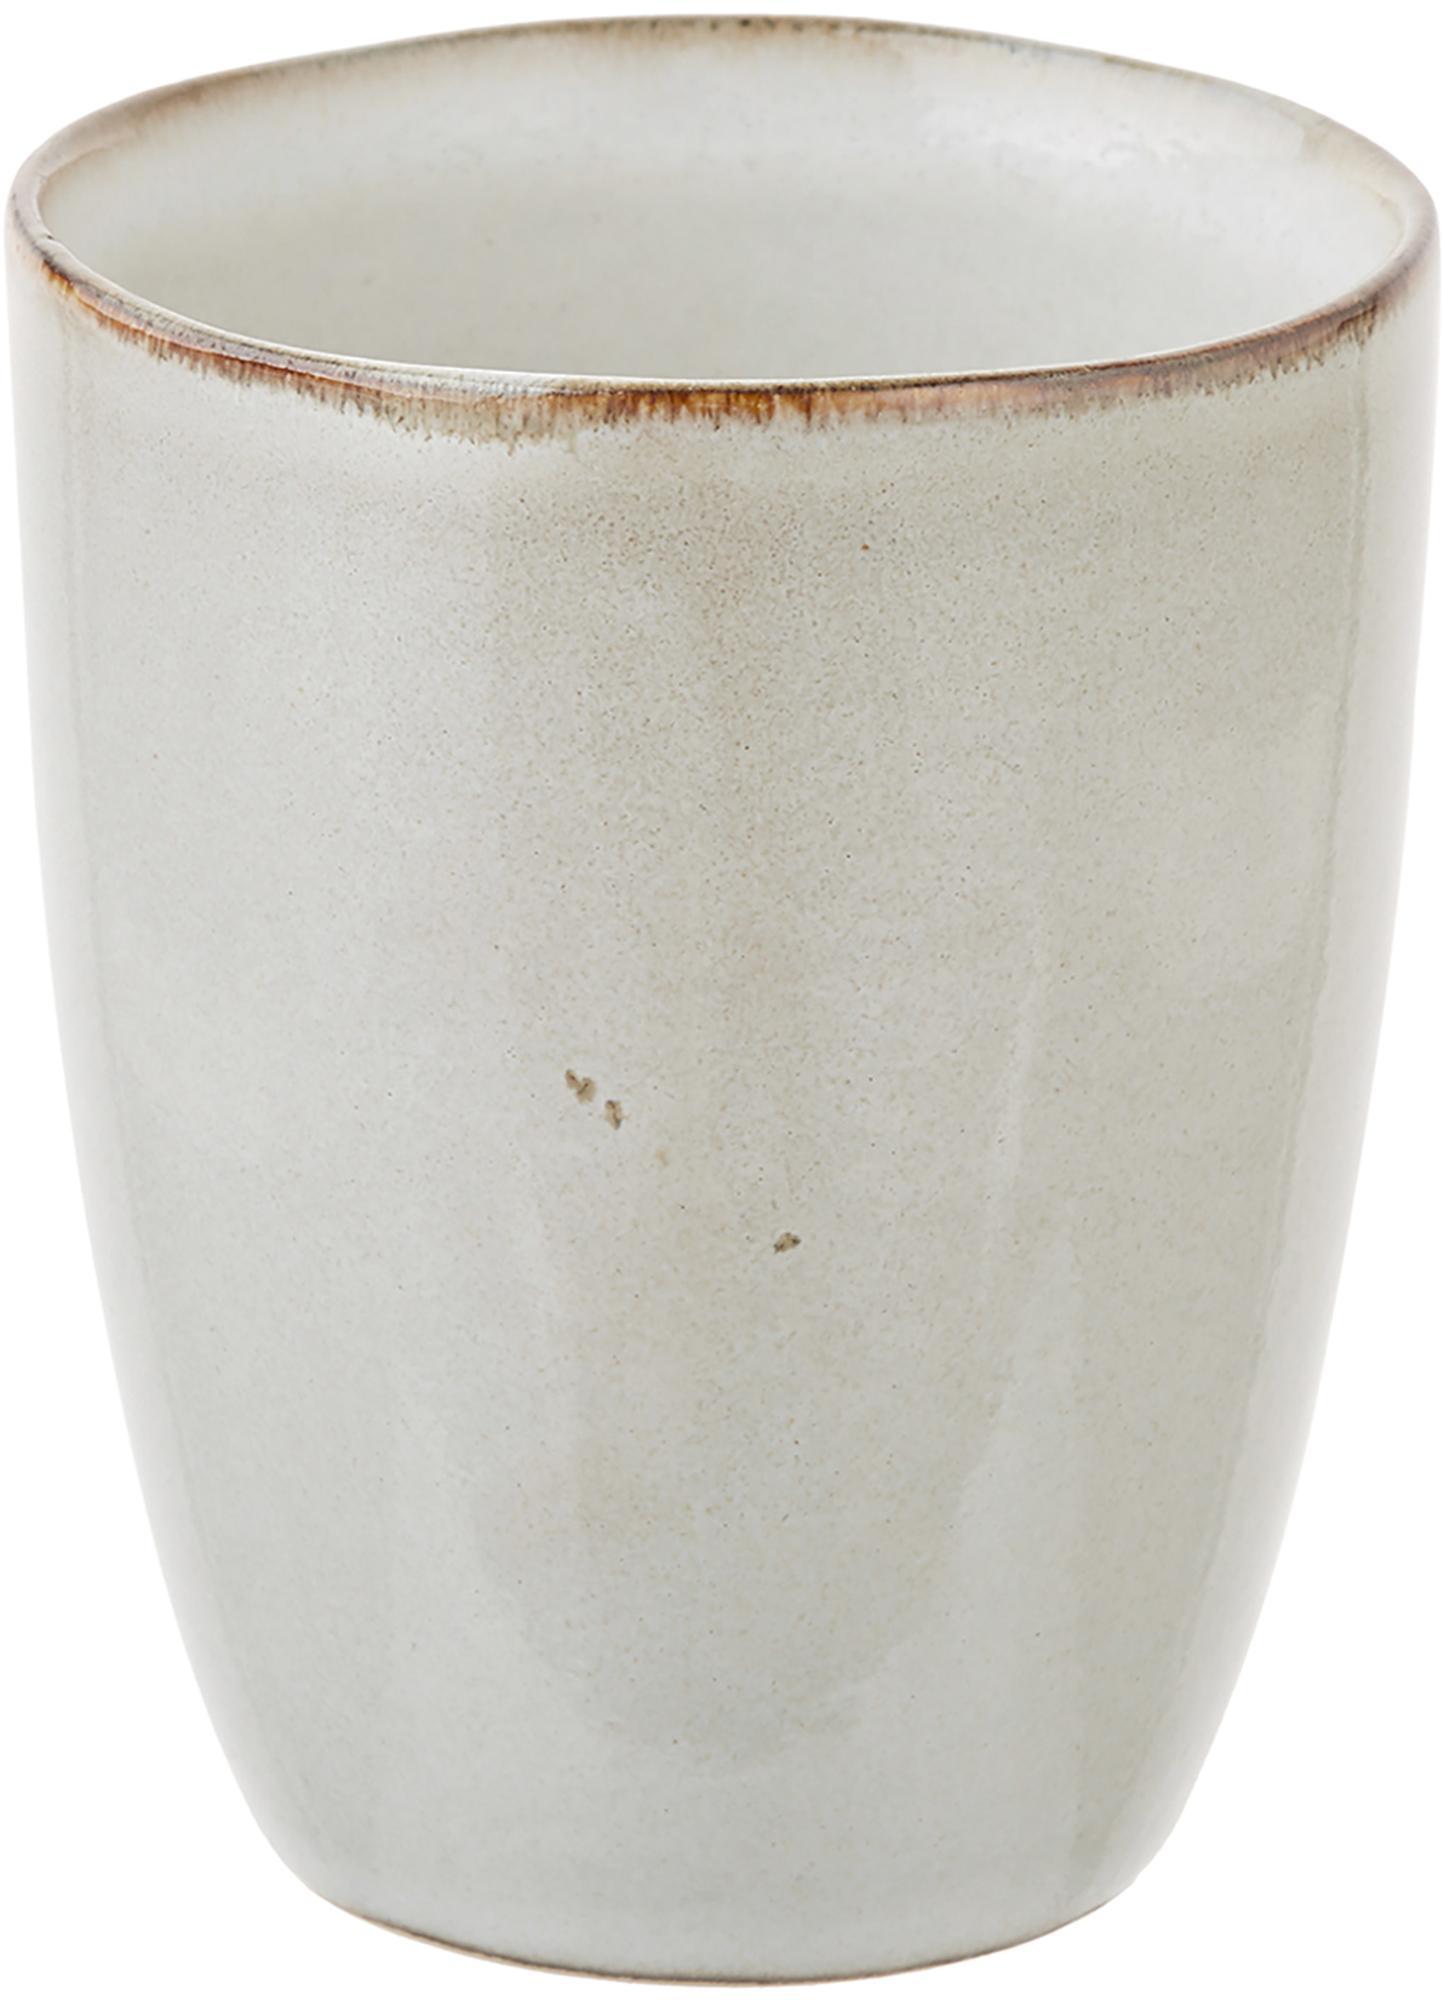 Tazza fatta a mano Thalia 2 pz, Ceramica, Crema con bordo scuro, Ø 9 x Alt. 11 cm